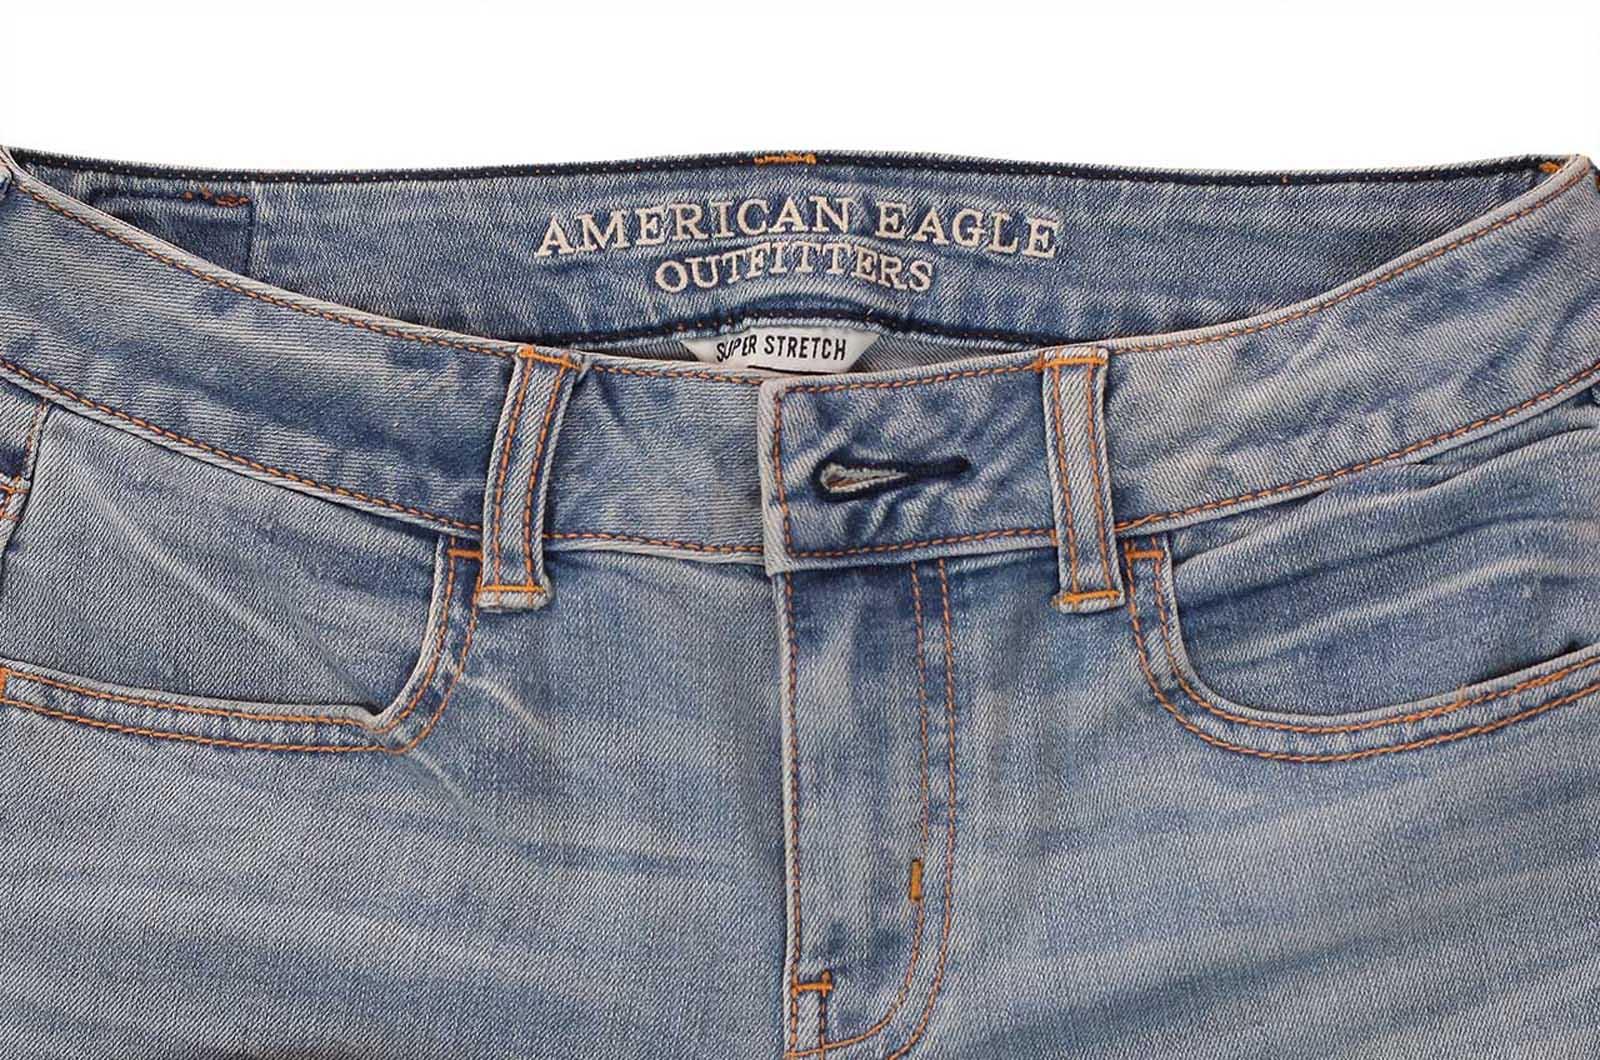 Ультра-секси джинсовые шортики от American Eagle® - Ты одела и Ким Кардашьян отдыхает